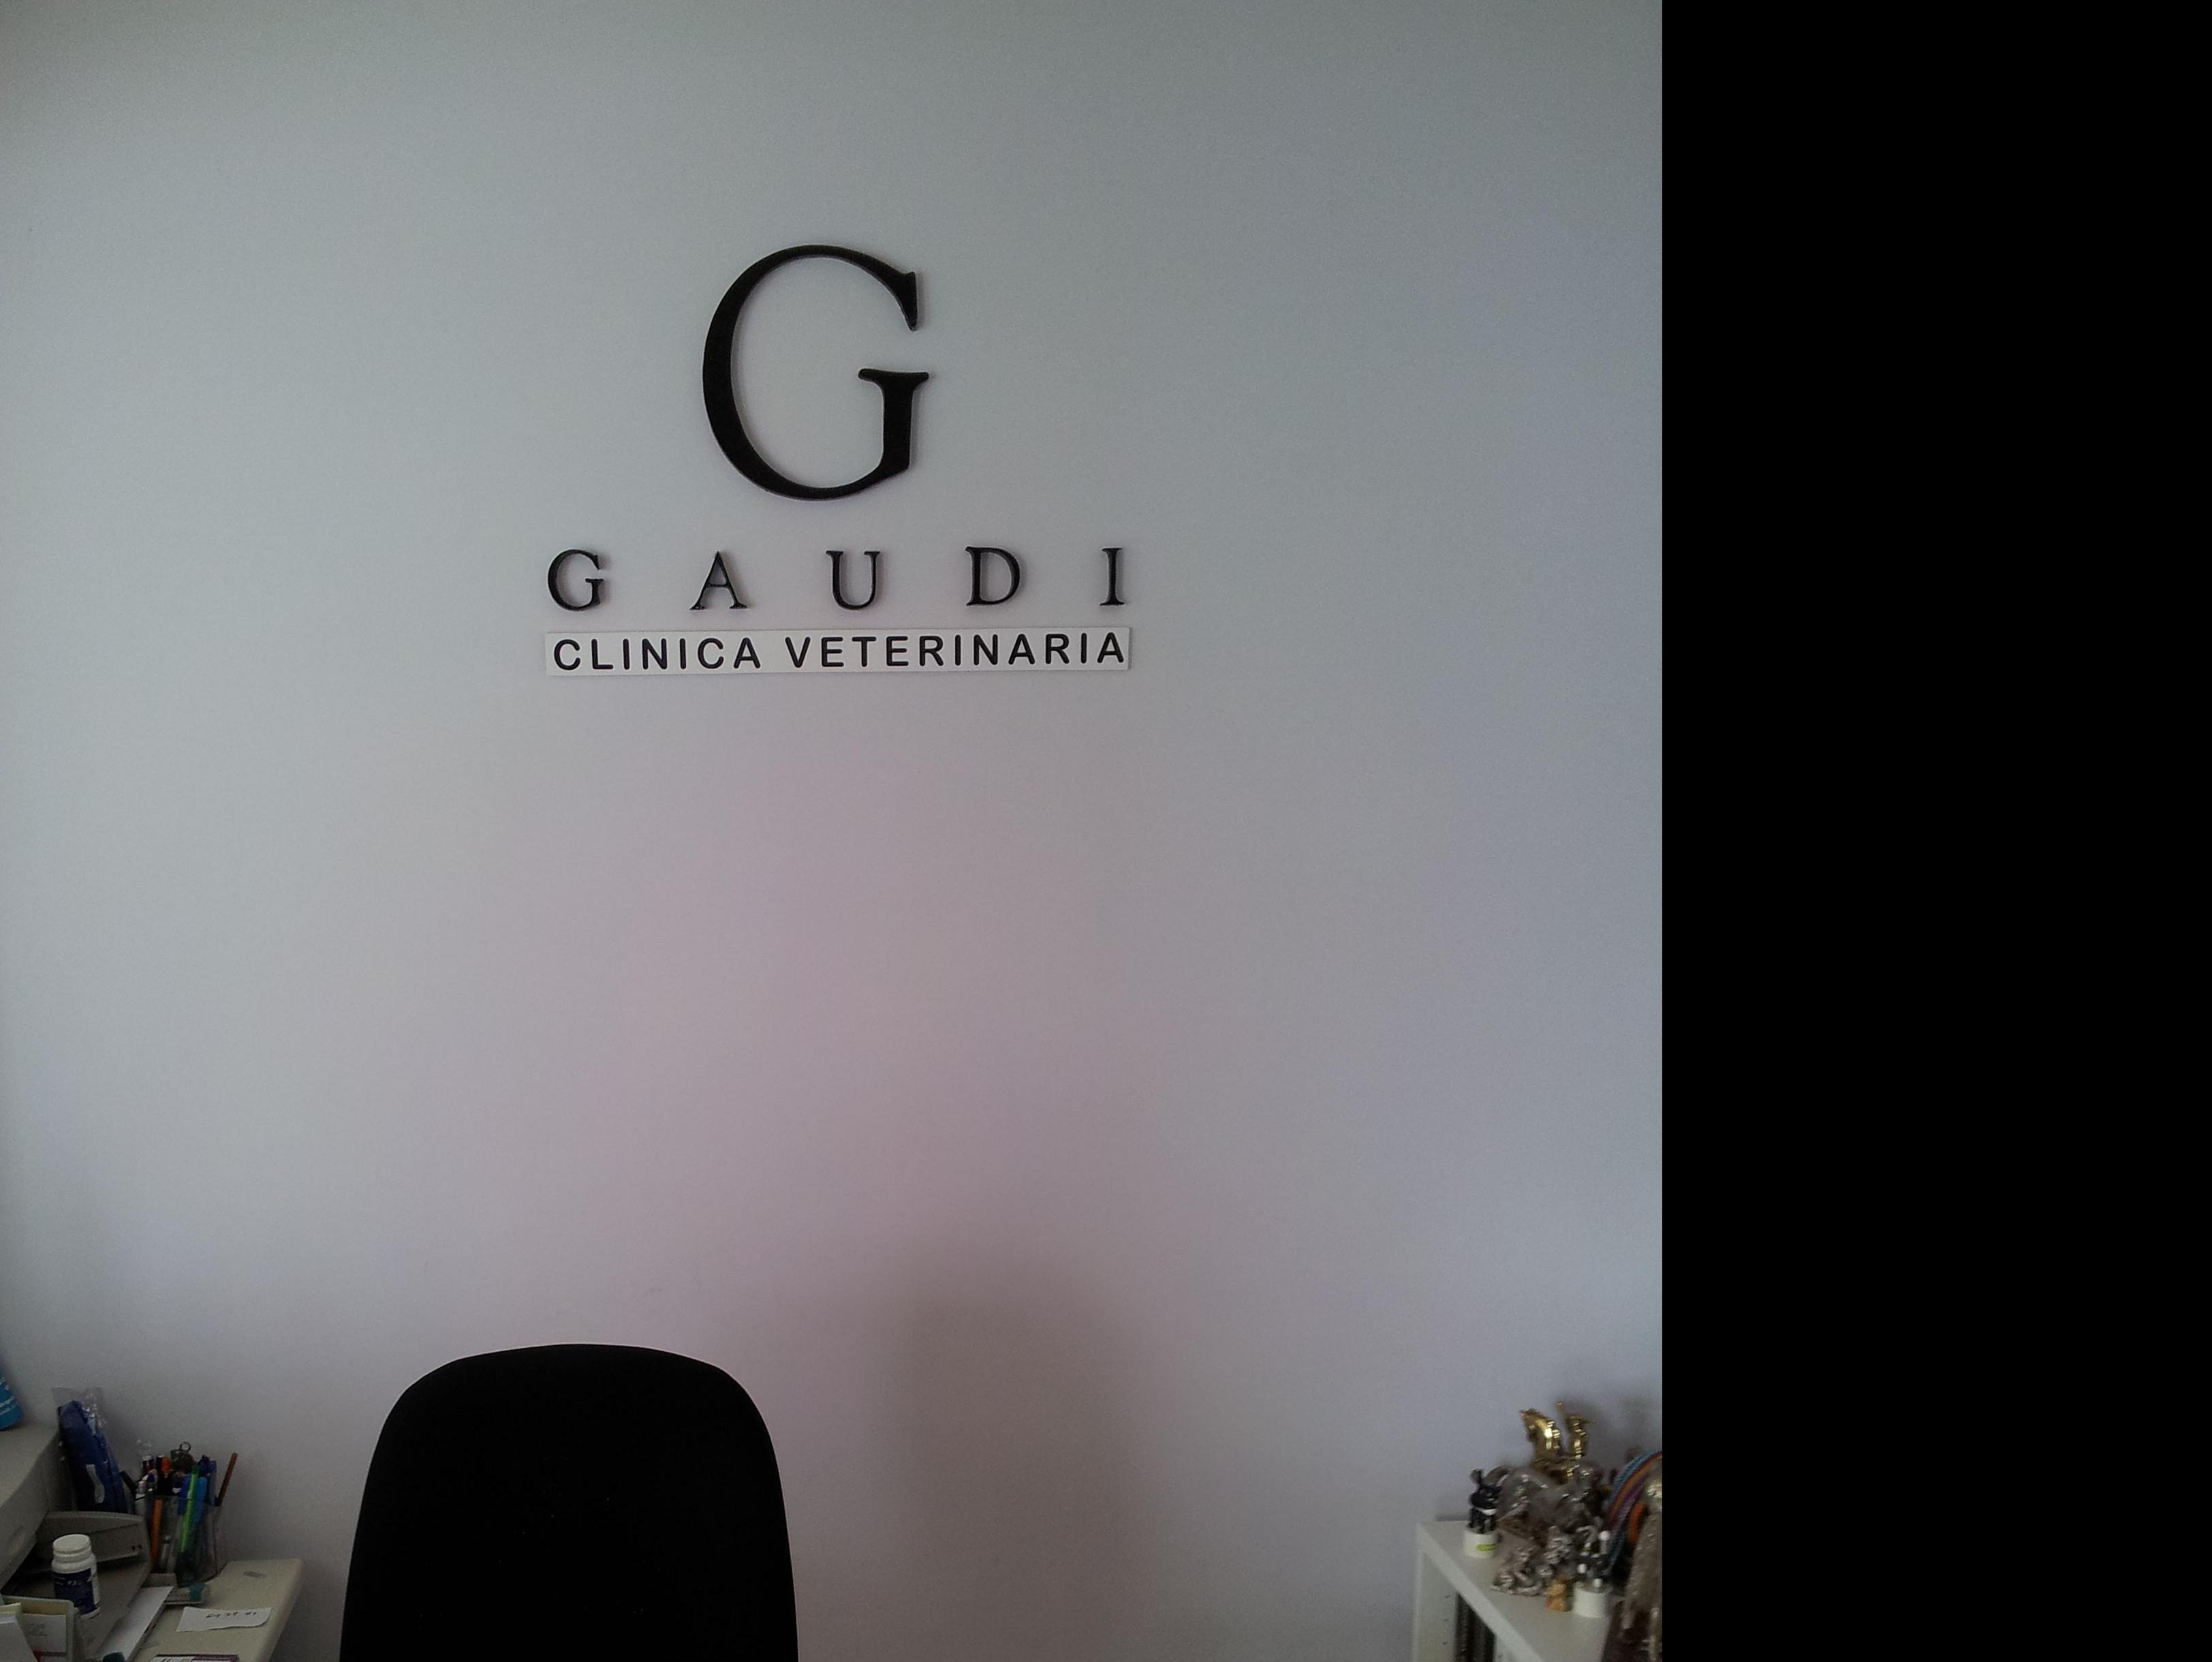 Clínica Veterinaria Gaudi en Collado Villalba